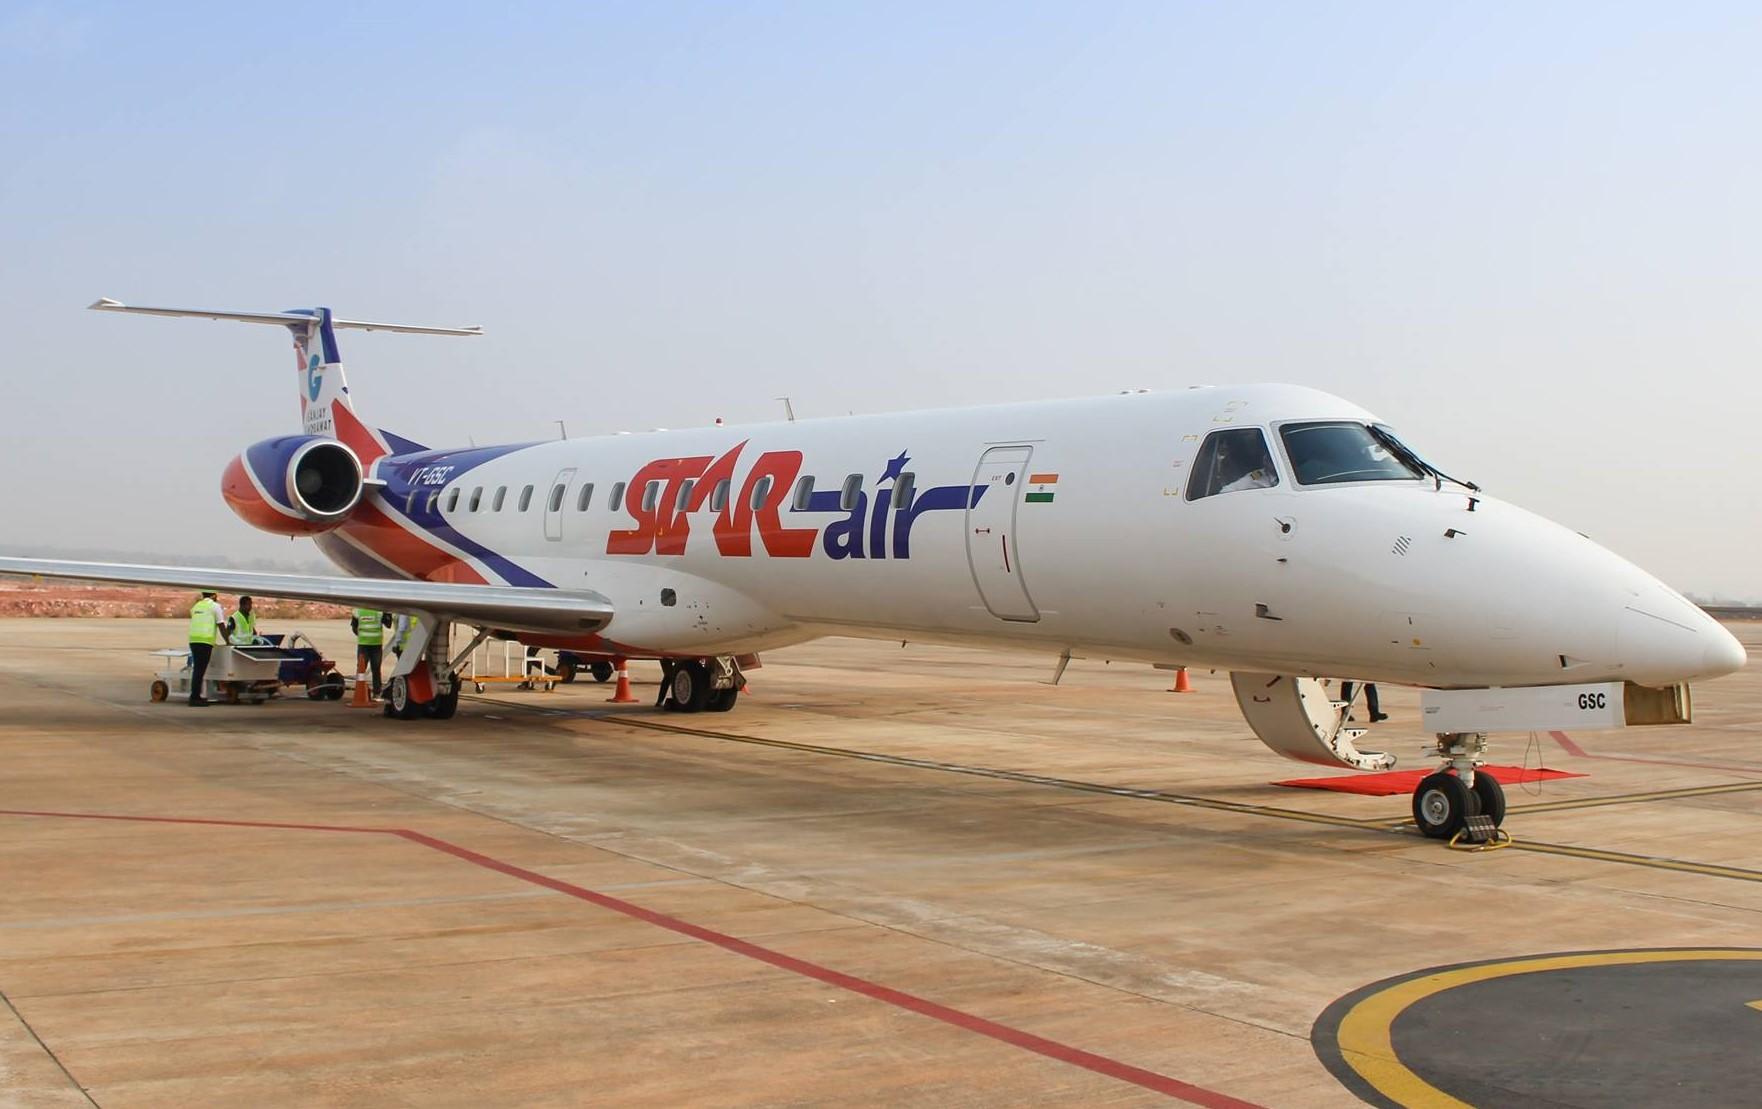 स्टार एयरलाइंस इस महीने शुरू कर सकती है 50 सीटर विमान, दिल्ली के लिए सप्ताह में अभी सिर्फ तीन दिन फ्लाइट|बीकानेर,Bikaner - Dainik Bhaskar